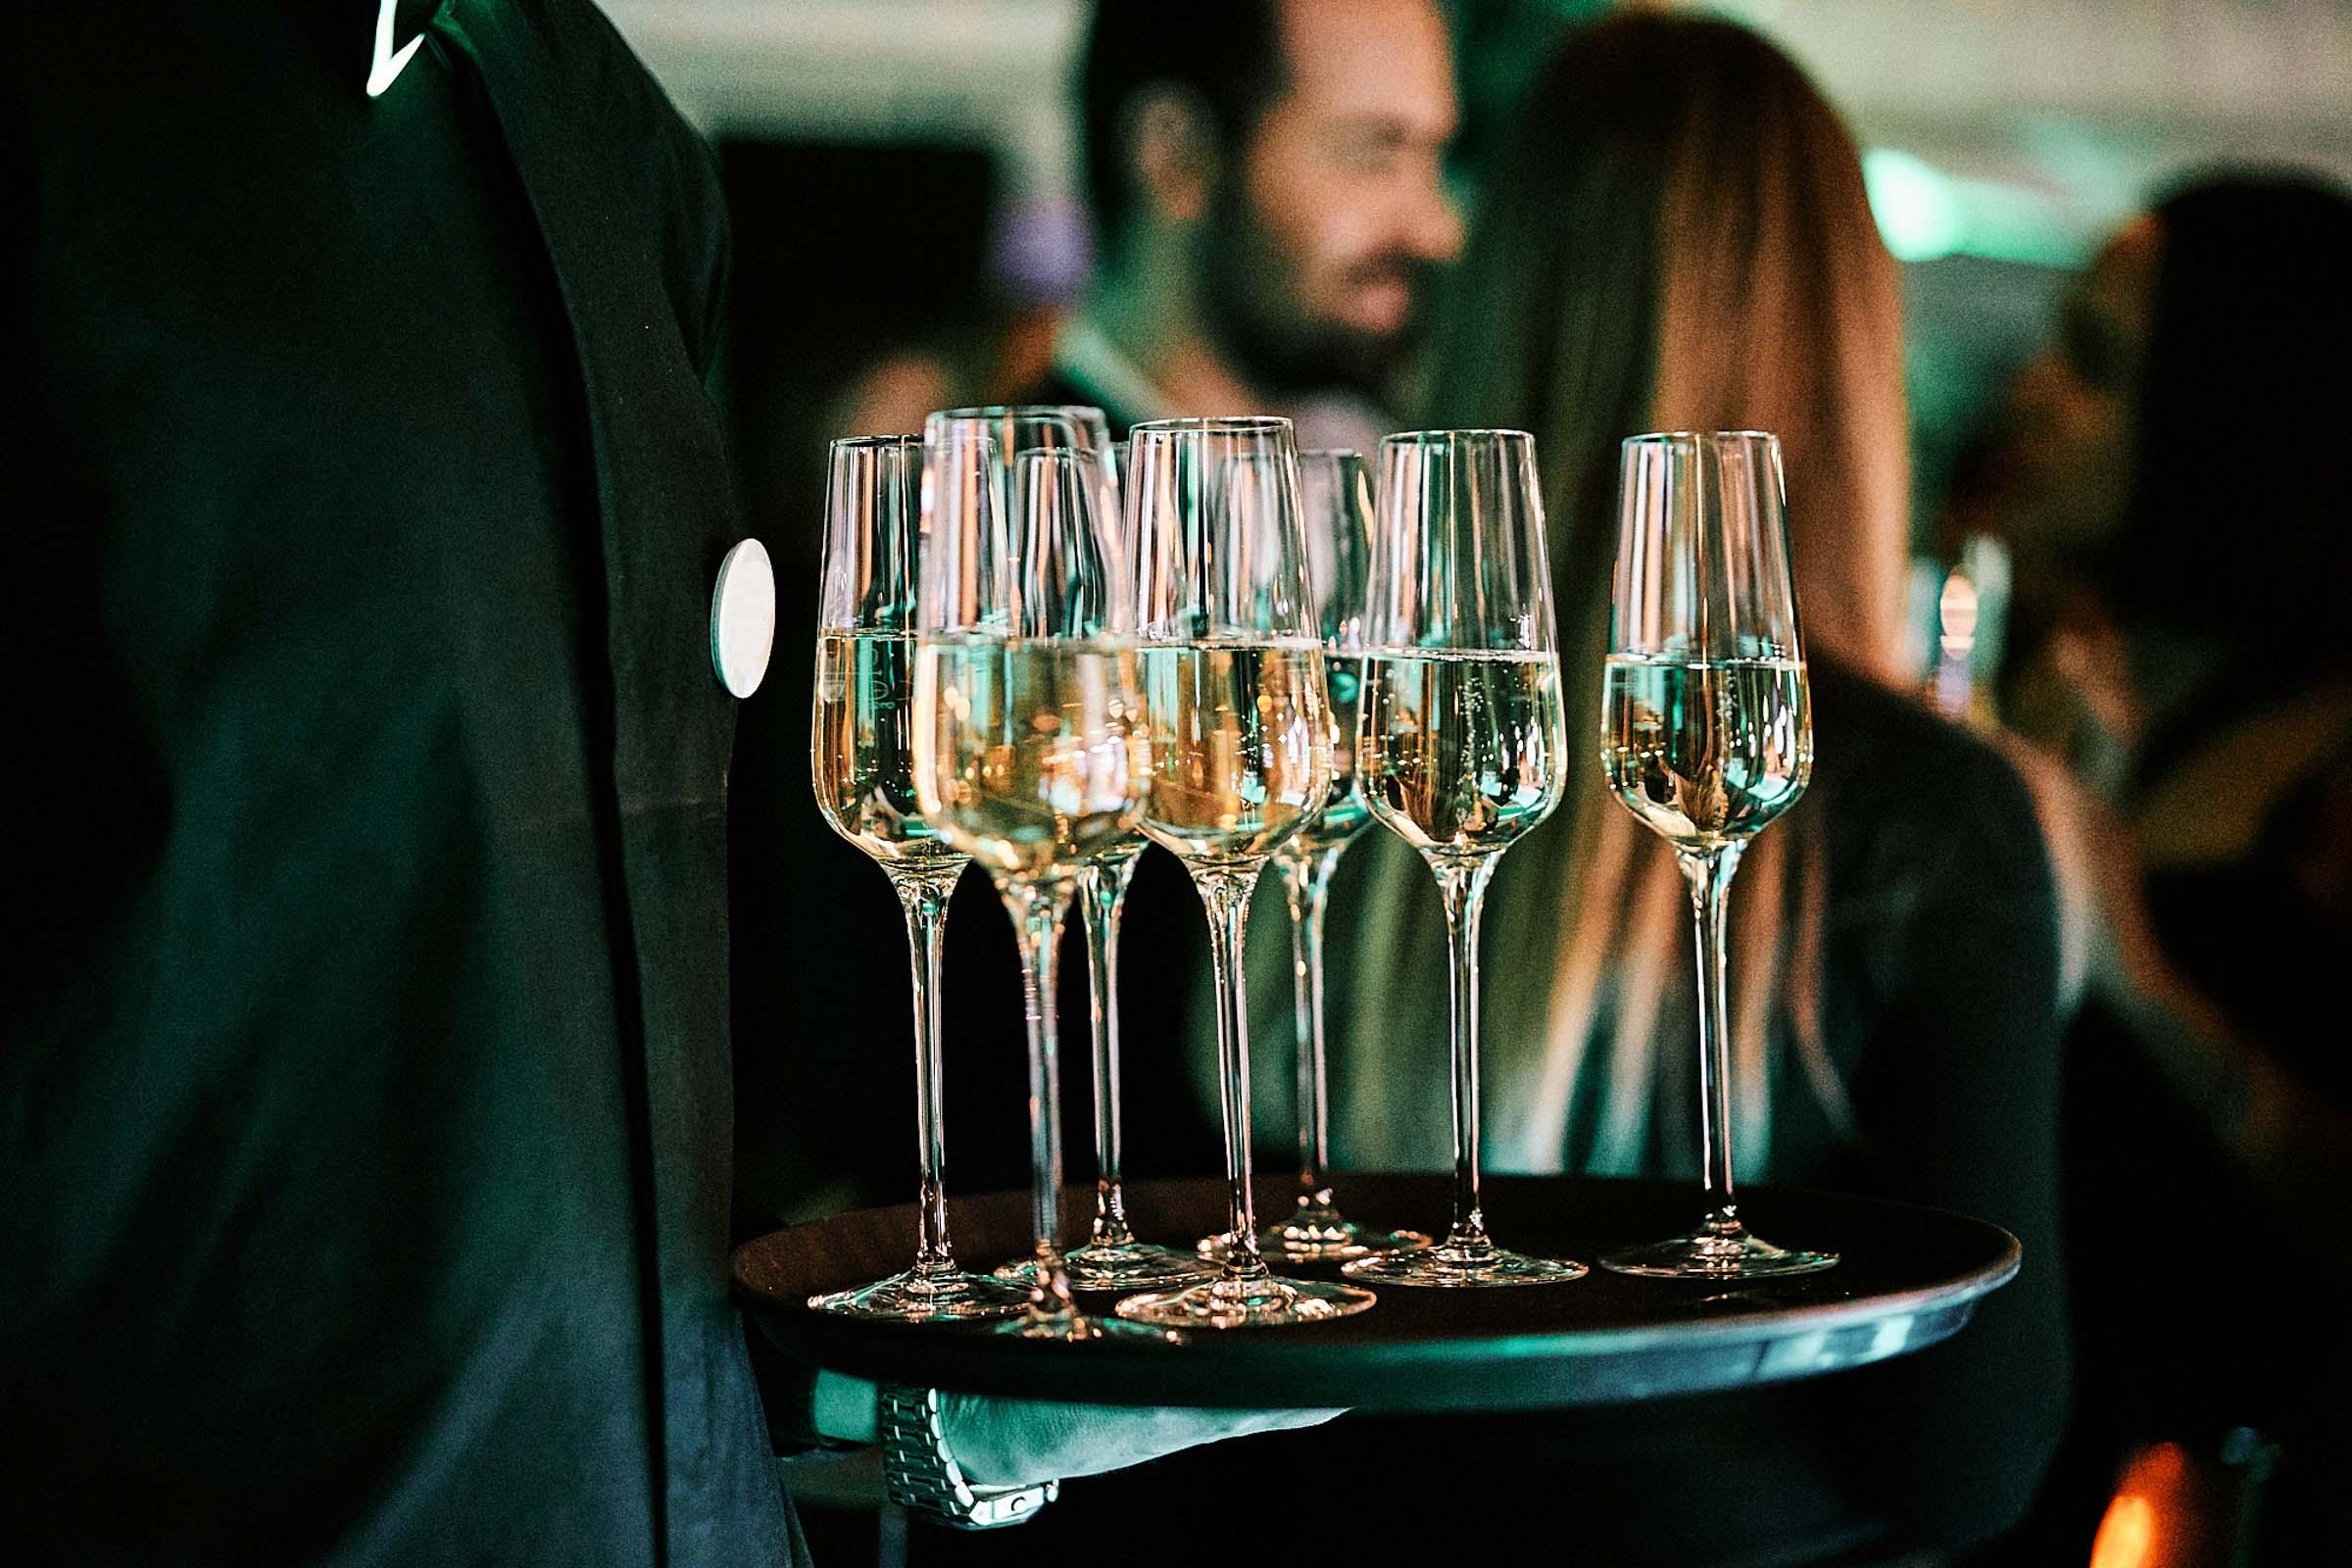 Mobile | Cocktailbar | Hochzeit | Sektempfang | Barkeeper | Buchen | Mieten | Geburtstag | Ape | VW | Bar | Getränke | Catering | Foodtruck | Ginbar | Weinbar | Sektbar | Kaffeebar | Messe | Empfang